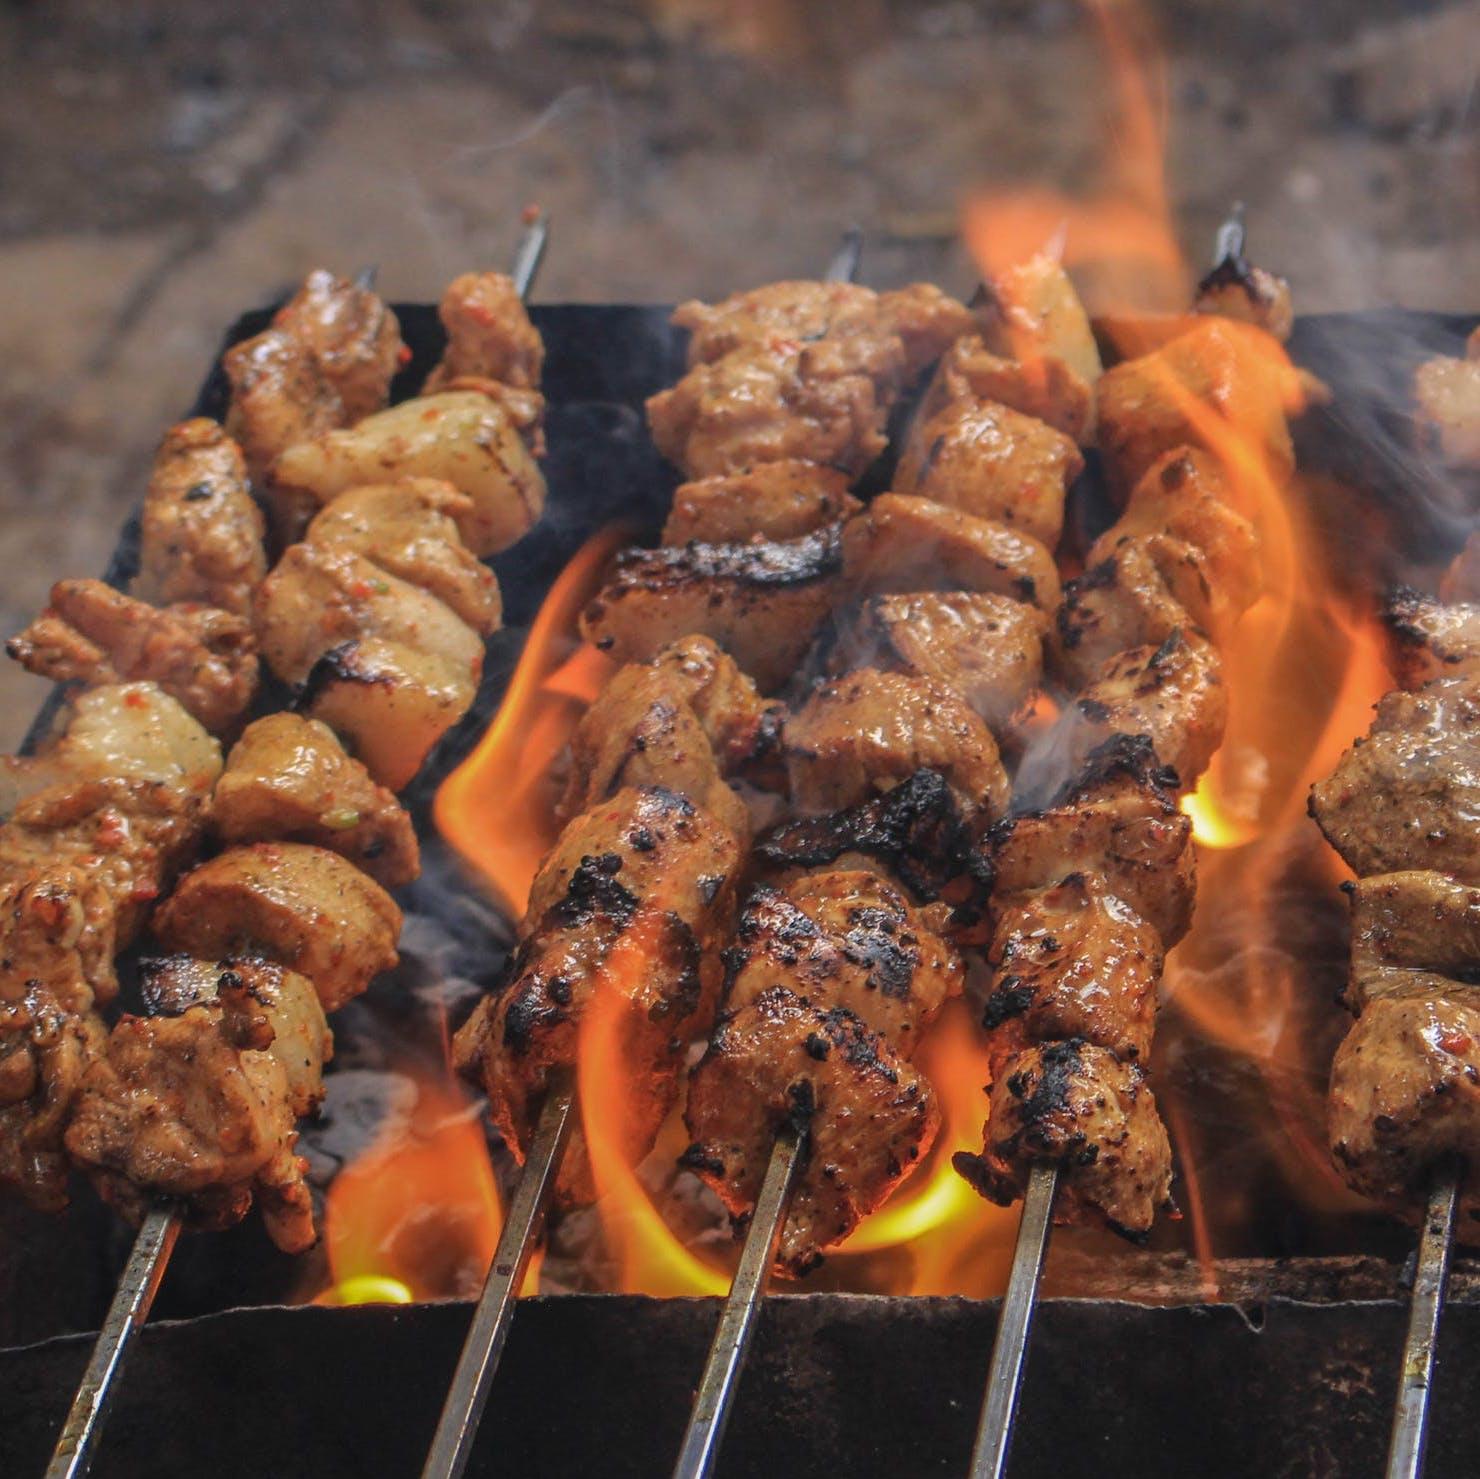 Brochettes au barbecue